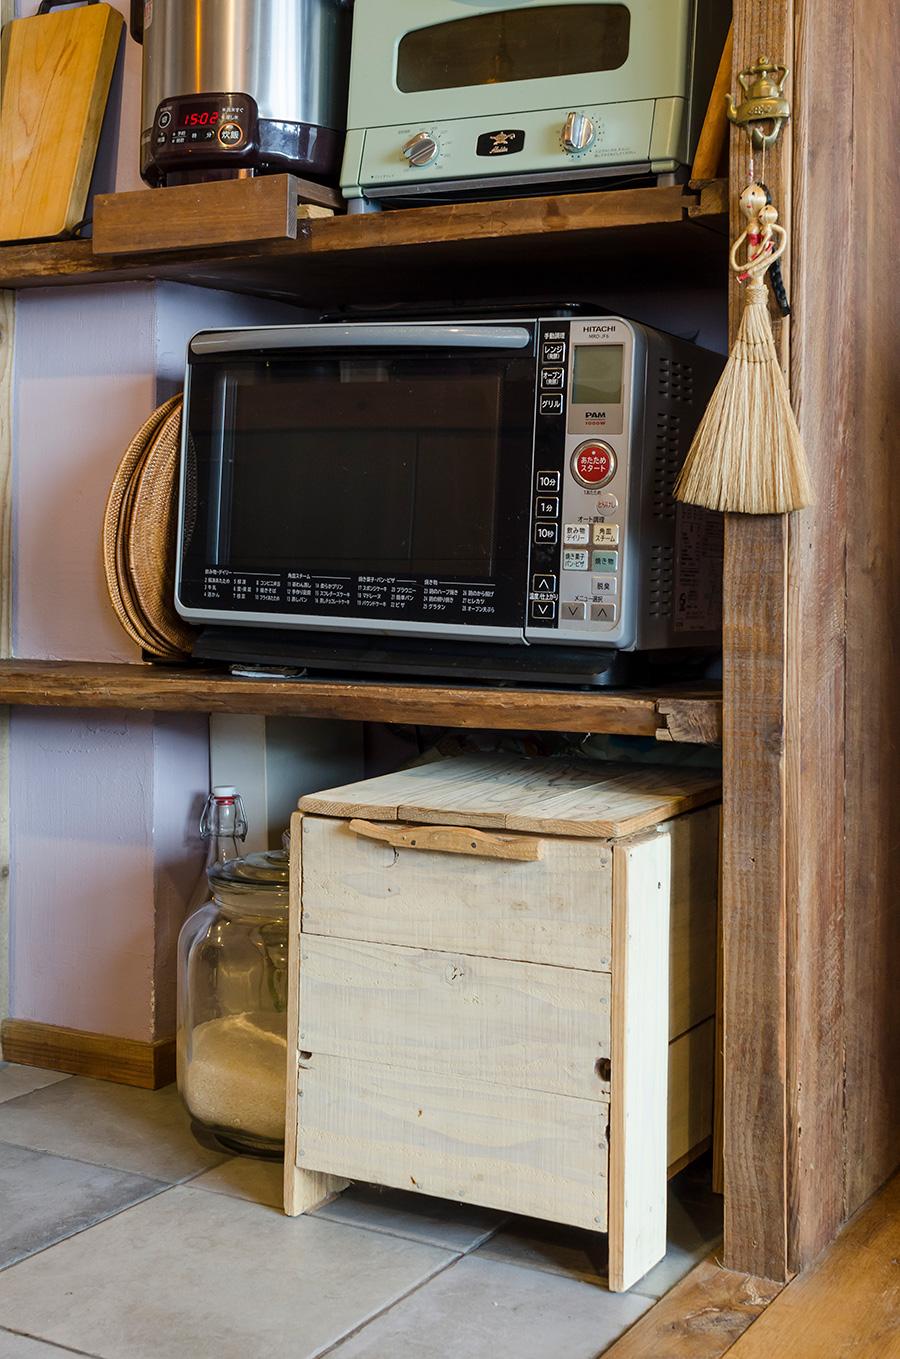 リンゴ箱で作ったキッチンの片隅のコンポスト。食材も無駄無くリサイクル。